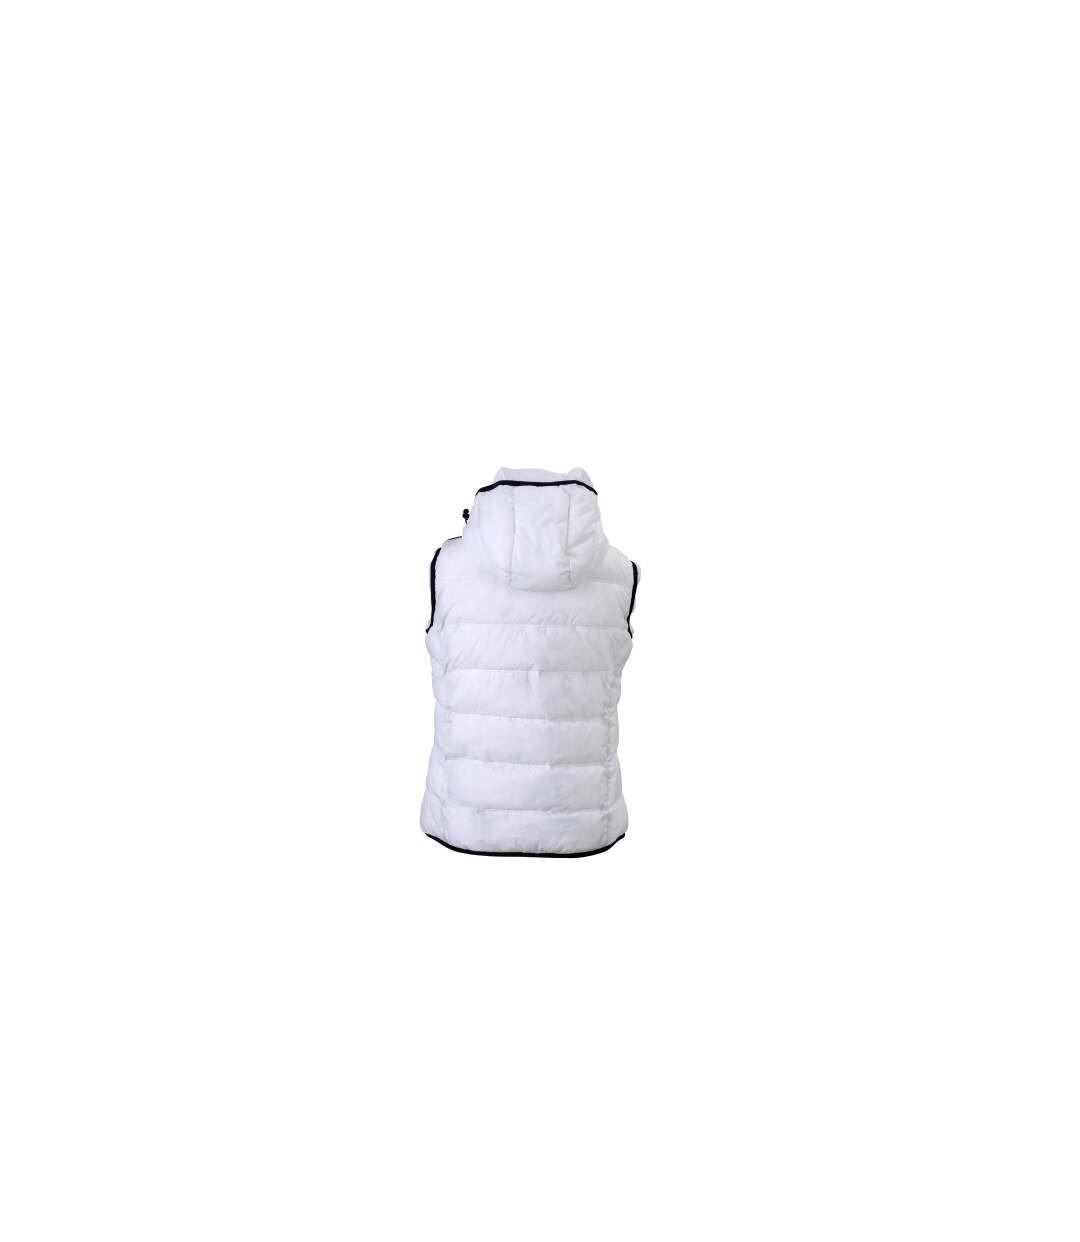 Doudoune sans manches pour femme - JN1075 - blanc